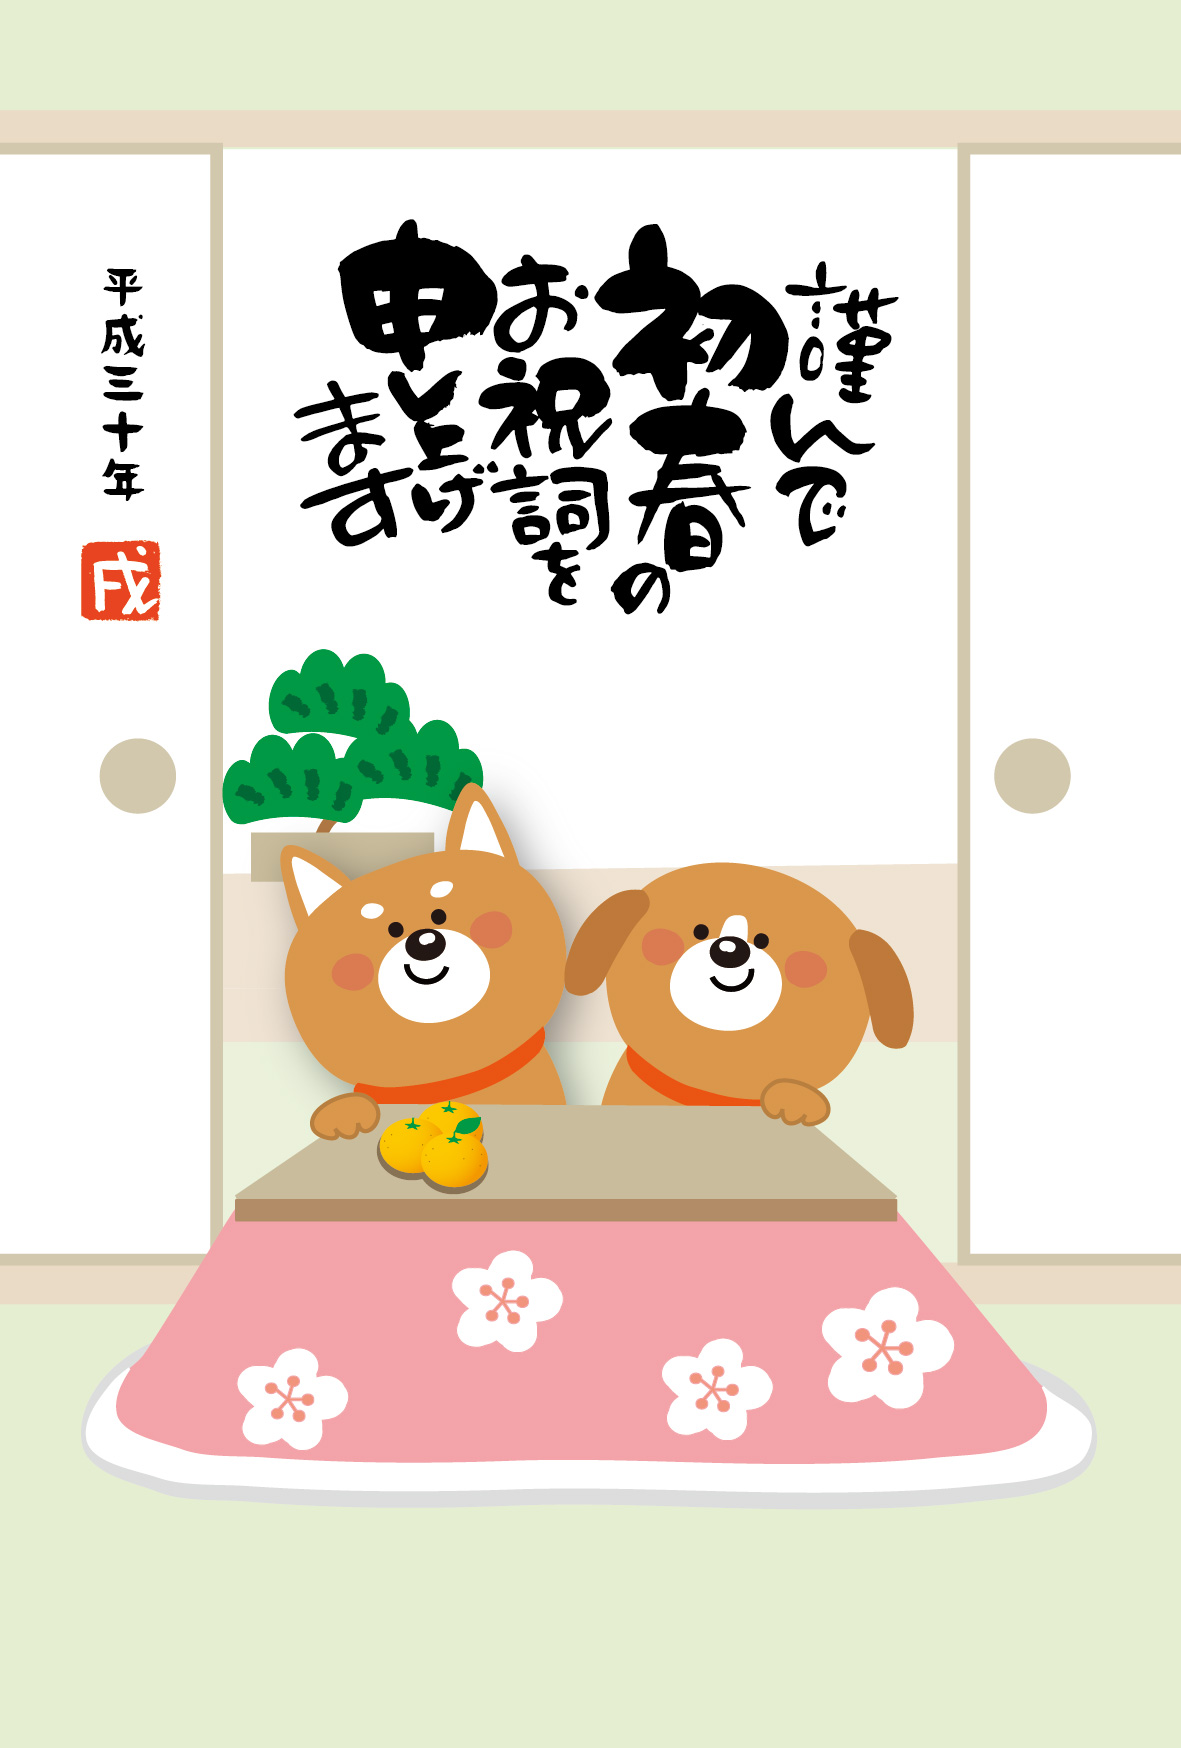 年賀状無料2018年いぬイラストのテンプレート・こたつ犬